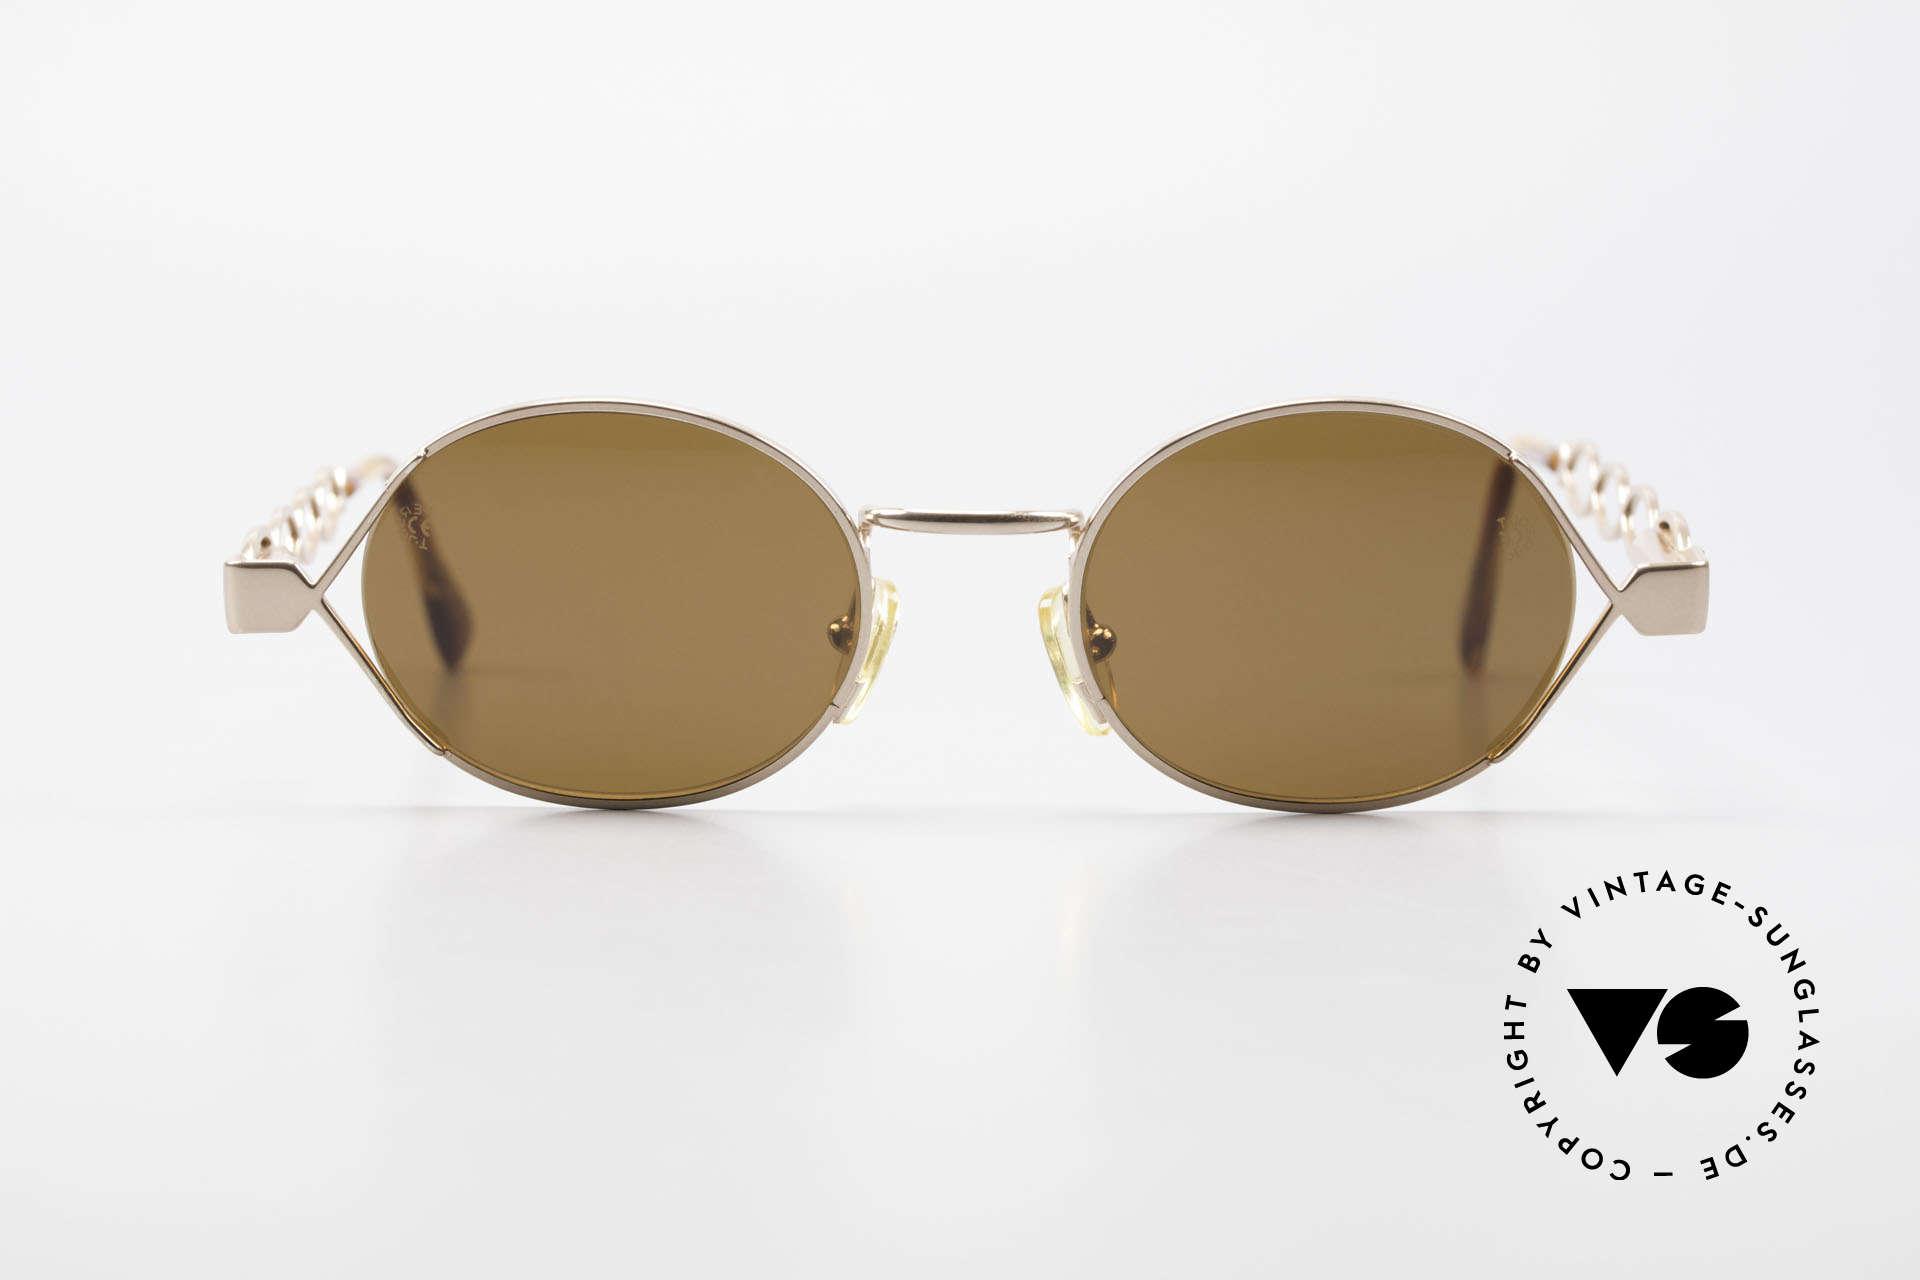 Moschino MM344 Designer Damen Sonnenbrille, kreative Ausführung der klassischen runden Form, Passend für Damen